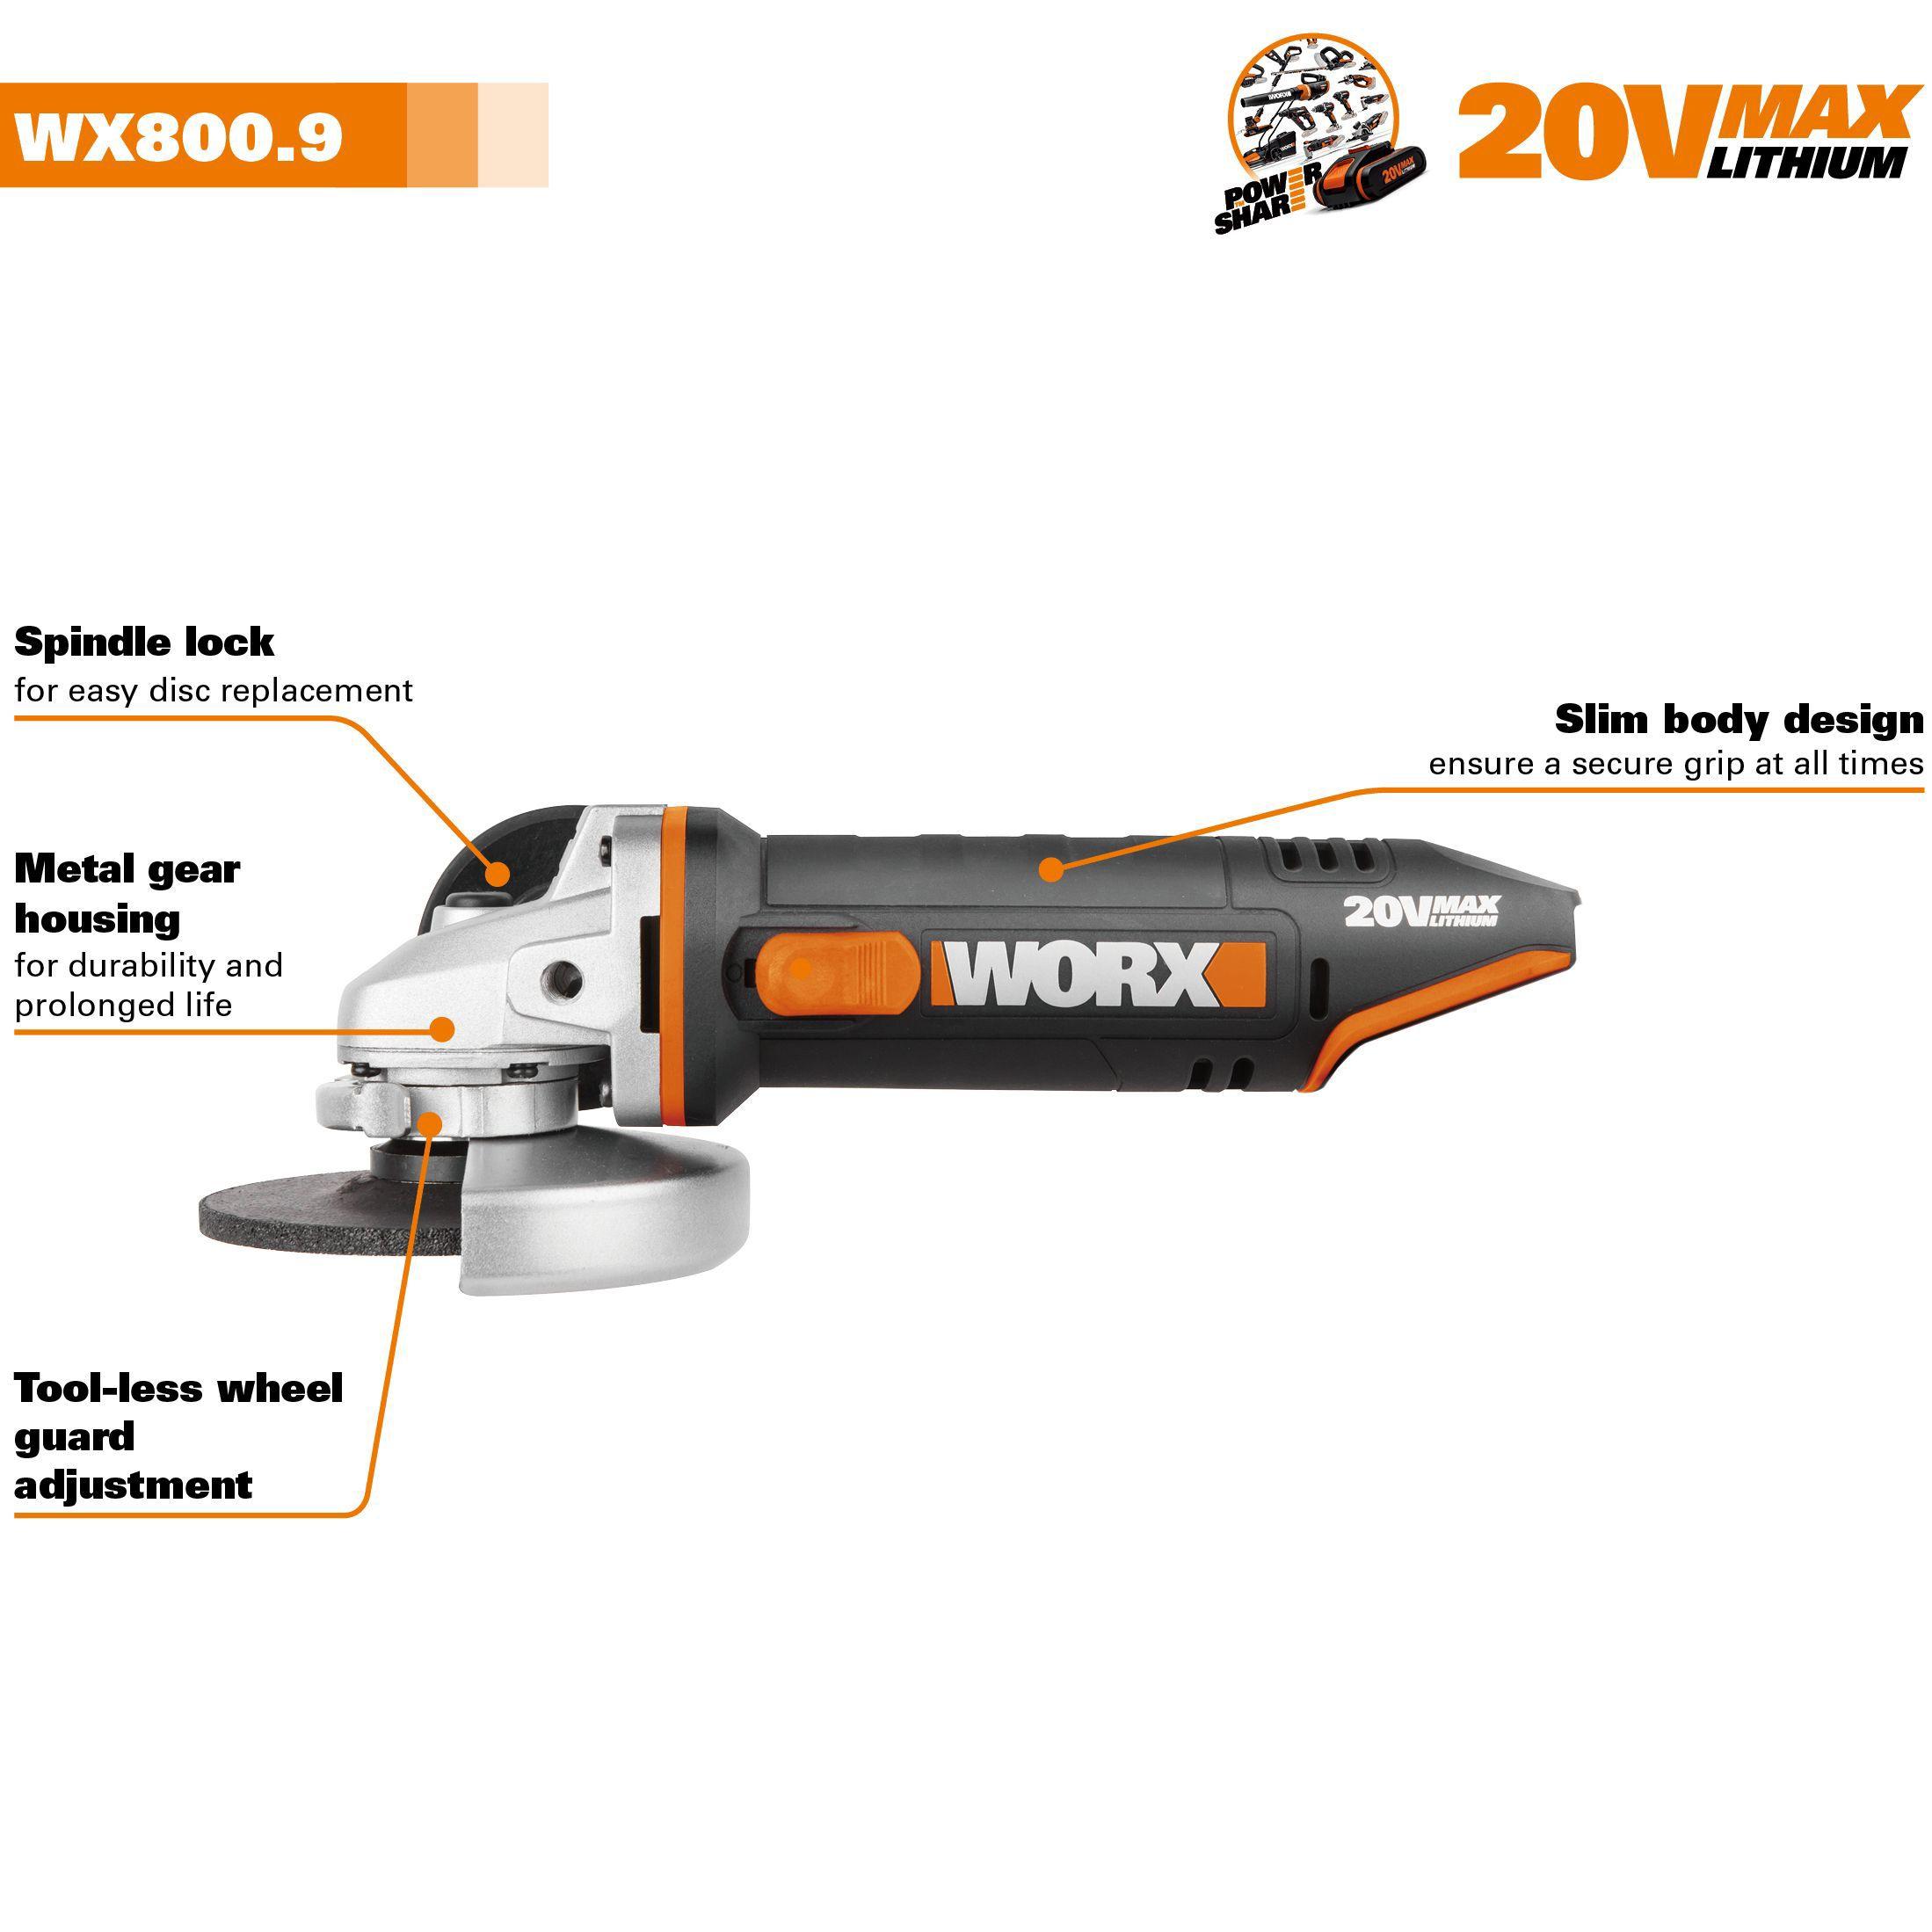 worx powershare cordless 20v 115mm angle grinder wx800 9 barehome furniture d ebay. Black Bedroom Furniture Sets. Home Design Ideas